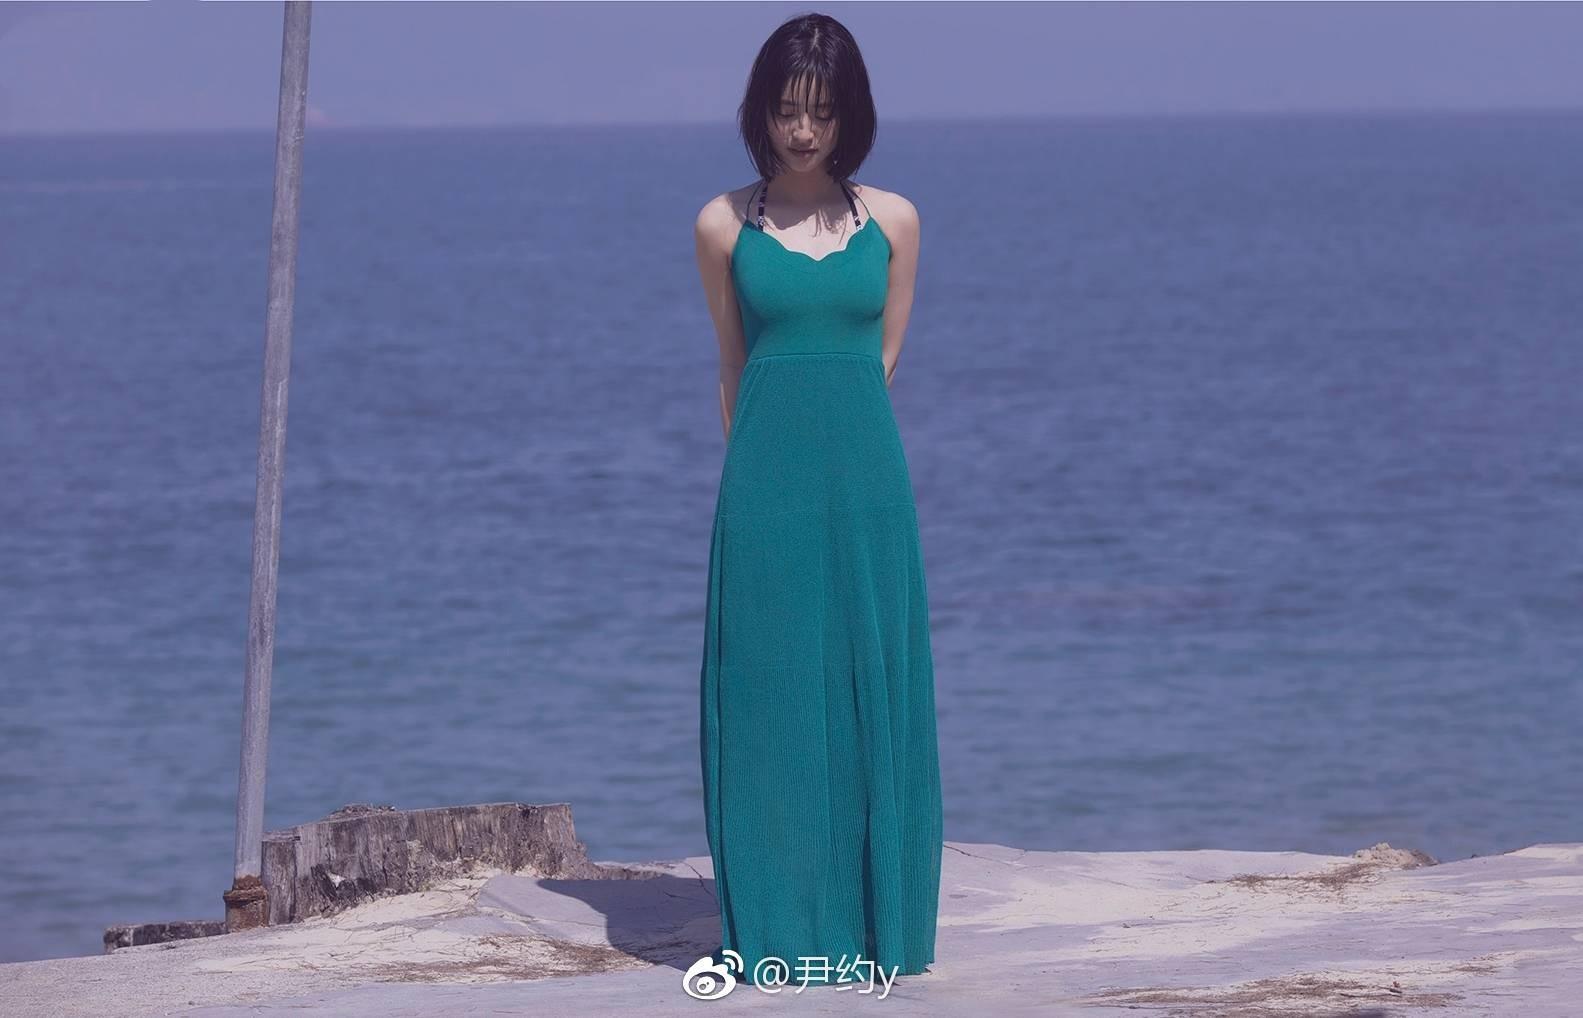 Sulli diện váy tươi tắn là vậy, nhìn sang Thẩm Nguyệt lại chỉ thấy bị dìm thảm thương - Ảnh 5.